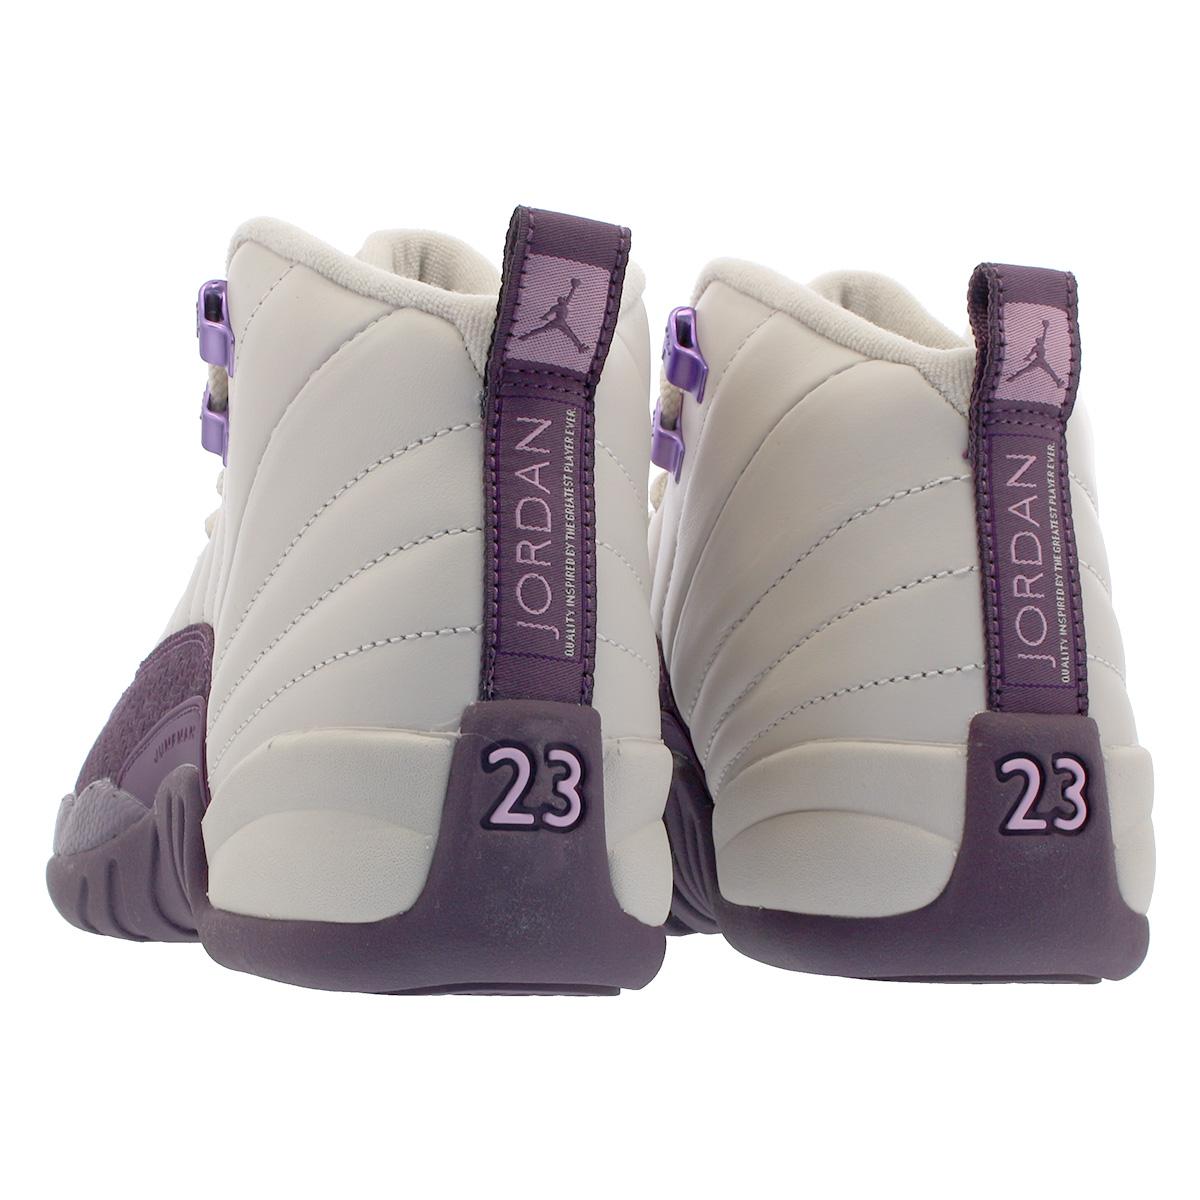 aa6fff2dbf1e NIKE AIR JORDAN 12 RETRO GS Nike Air Jordan 12 nostalgic GS DESERT SAND DESERT  SAND PRO PURPLE 510